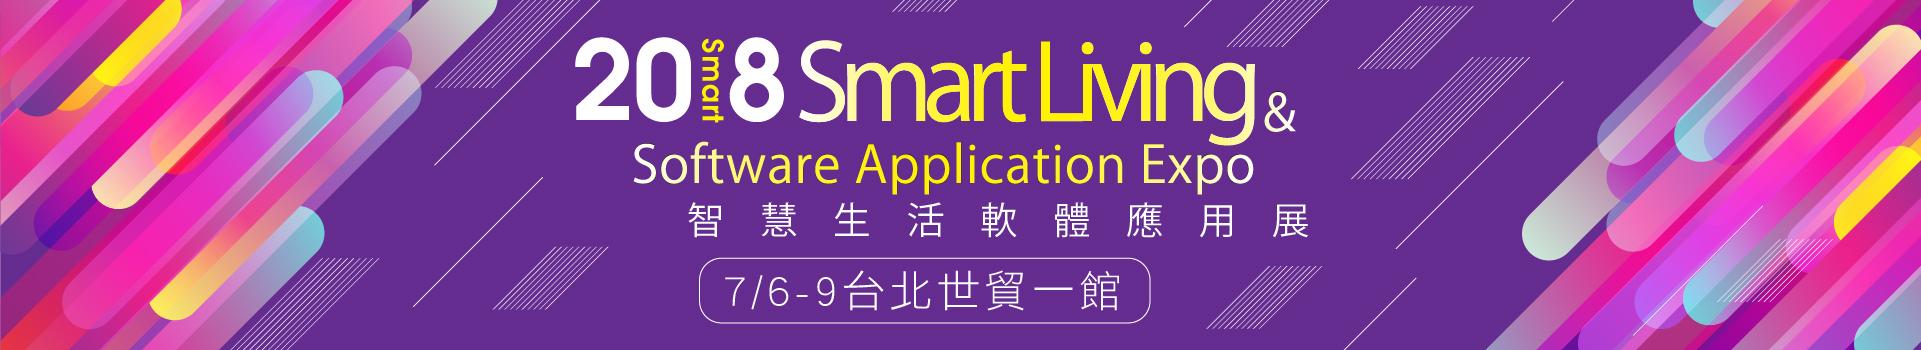 2018智慧生活軟體應用展